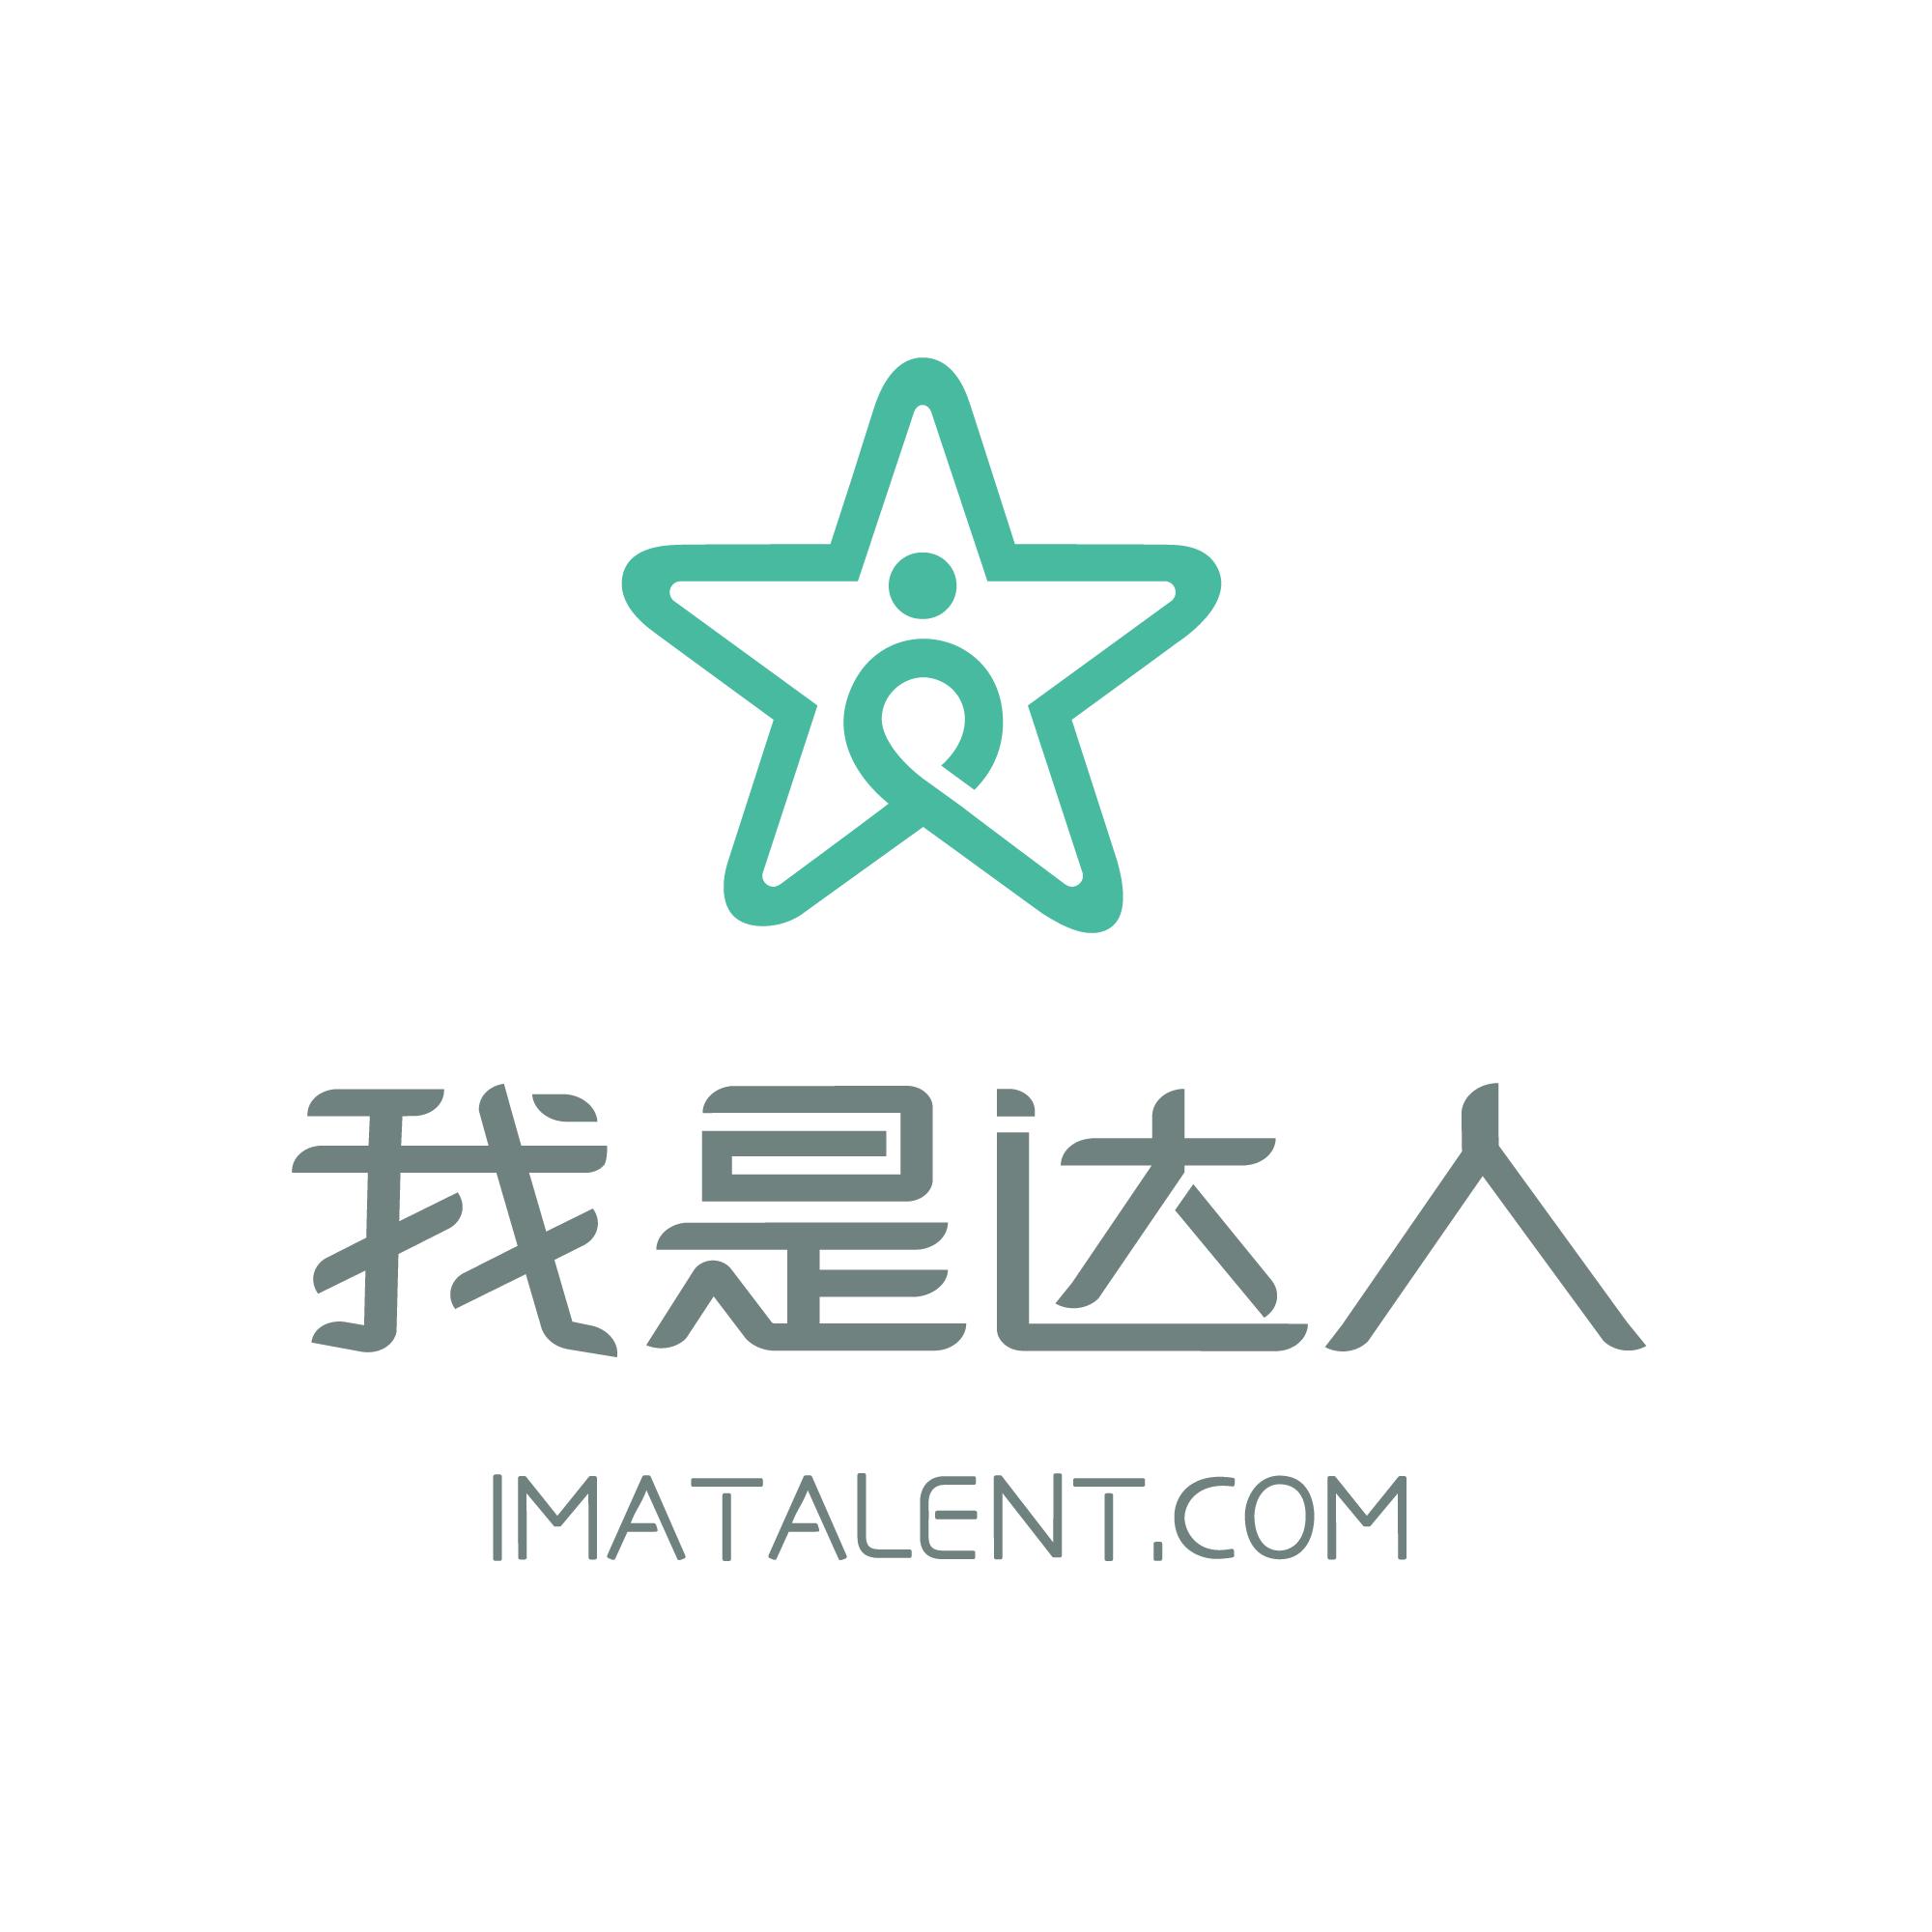 广州粉丝信息科技有限公司logo